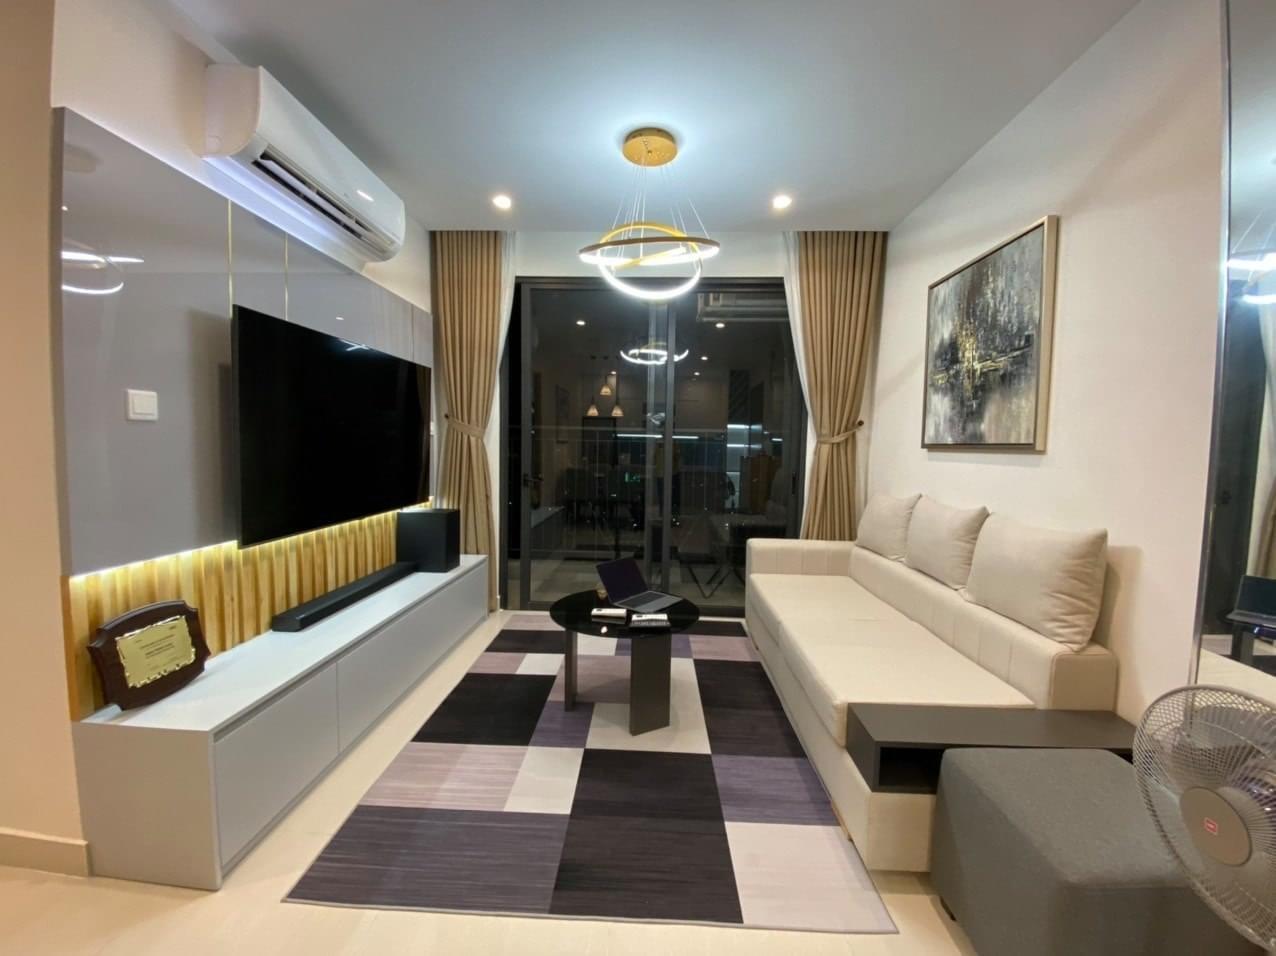 Căn hộ 3 phòng ngủ tầng 34 toà S5.03 Vinhomes Grand park cho thuê 10tr